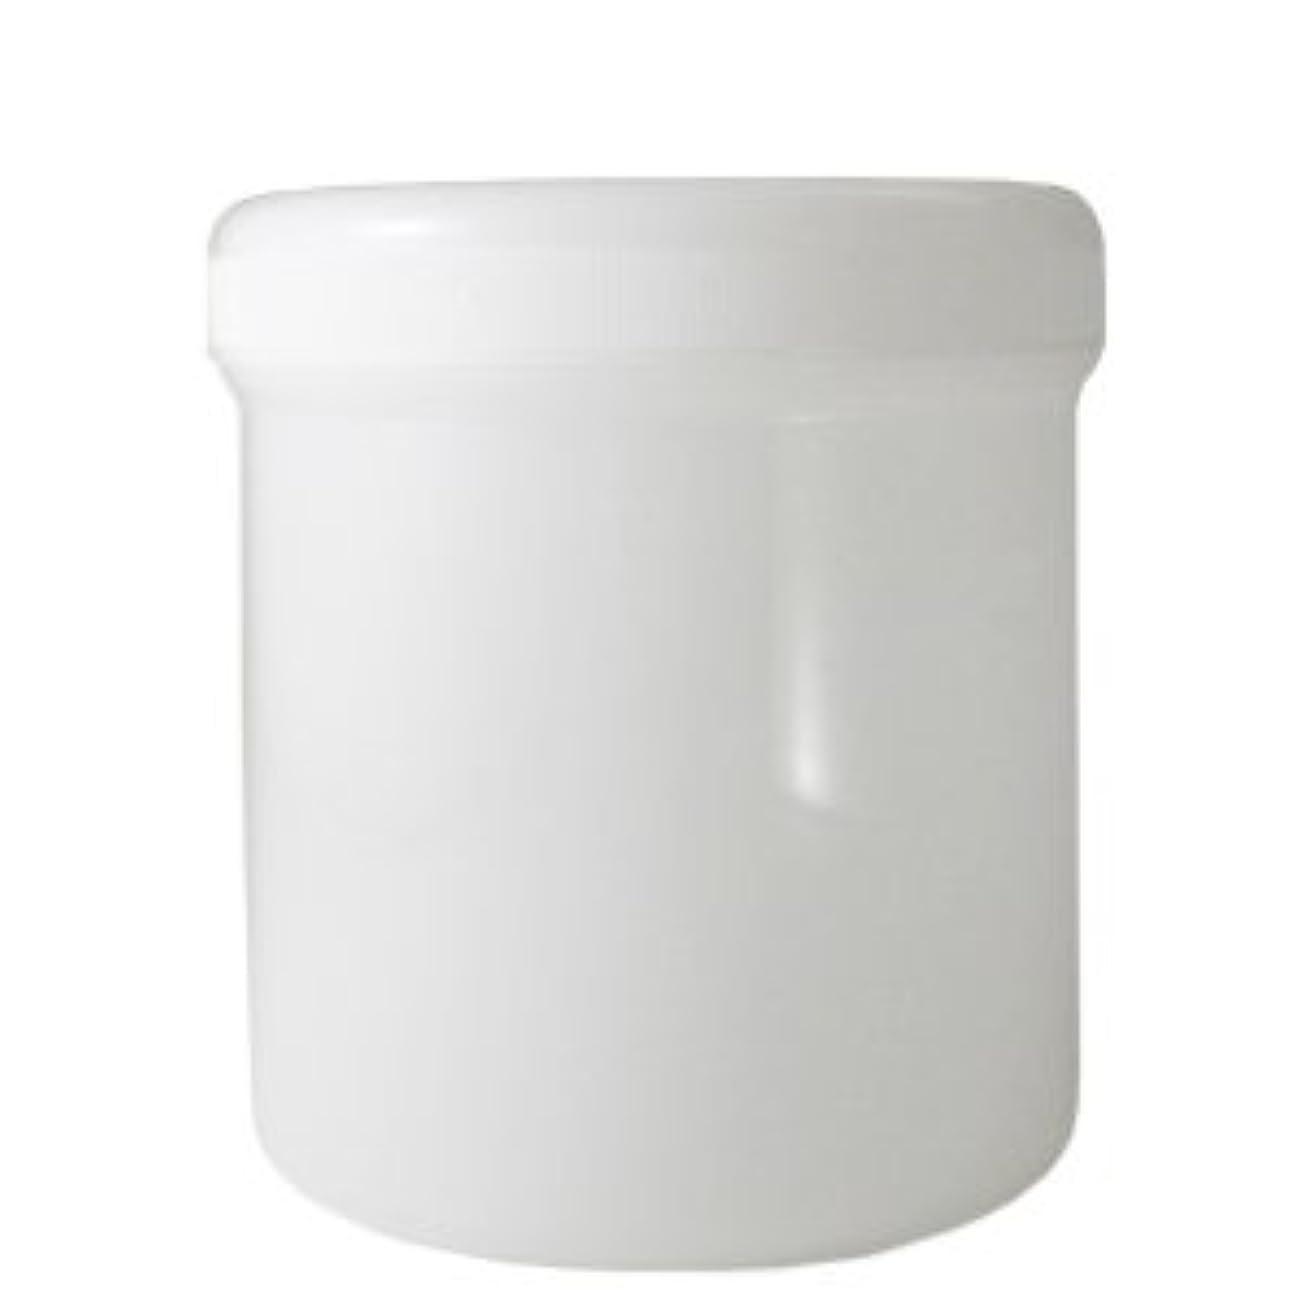 船酔いマインドフル不規則なナンコー容器 (クリームジャー) 550ml 【手作り化粧品】